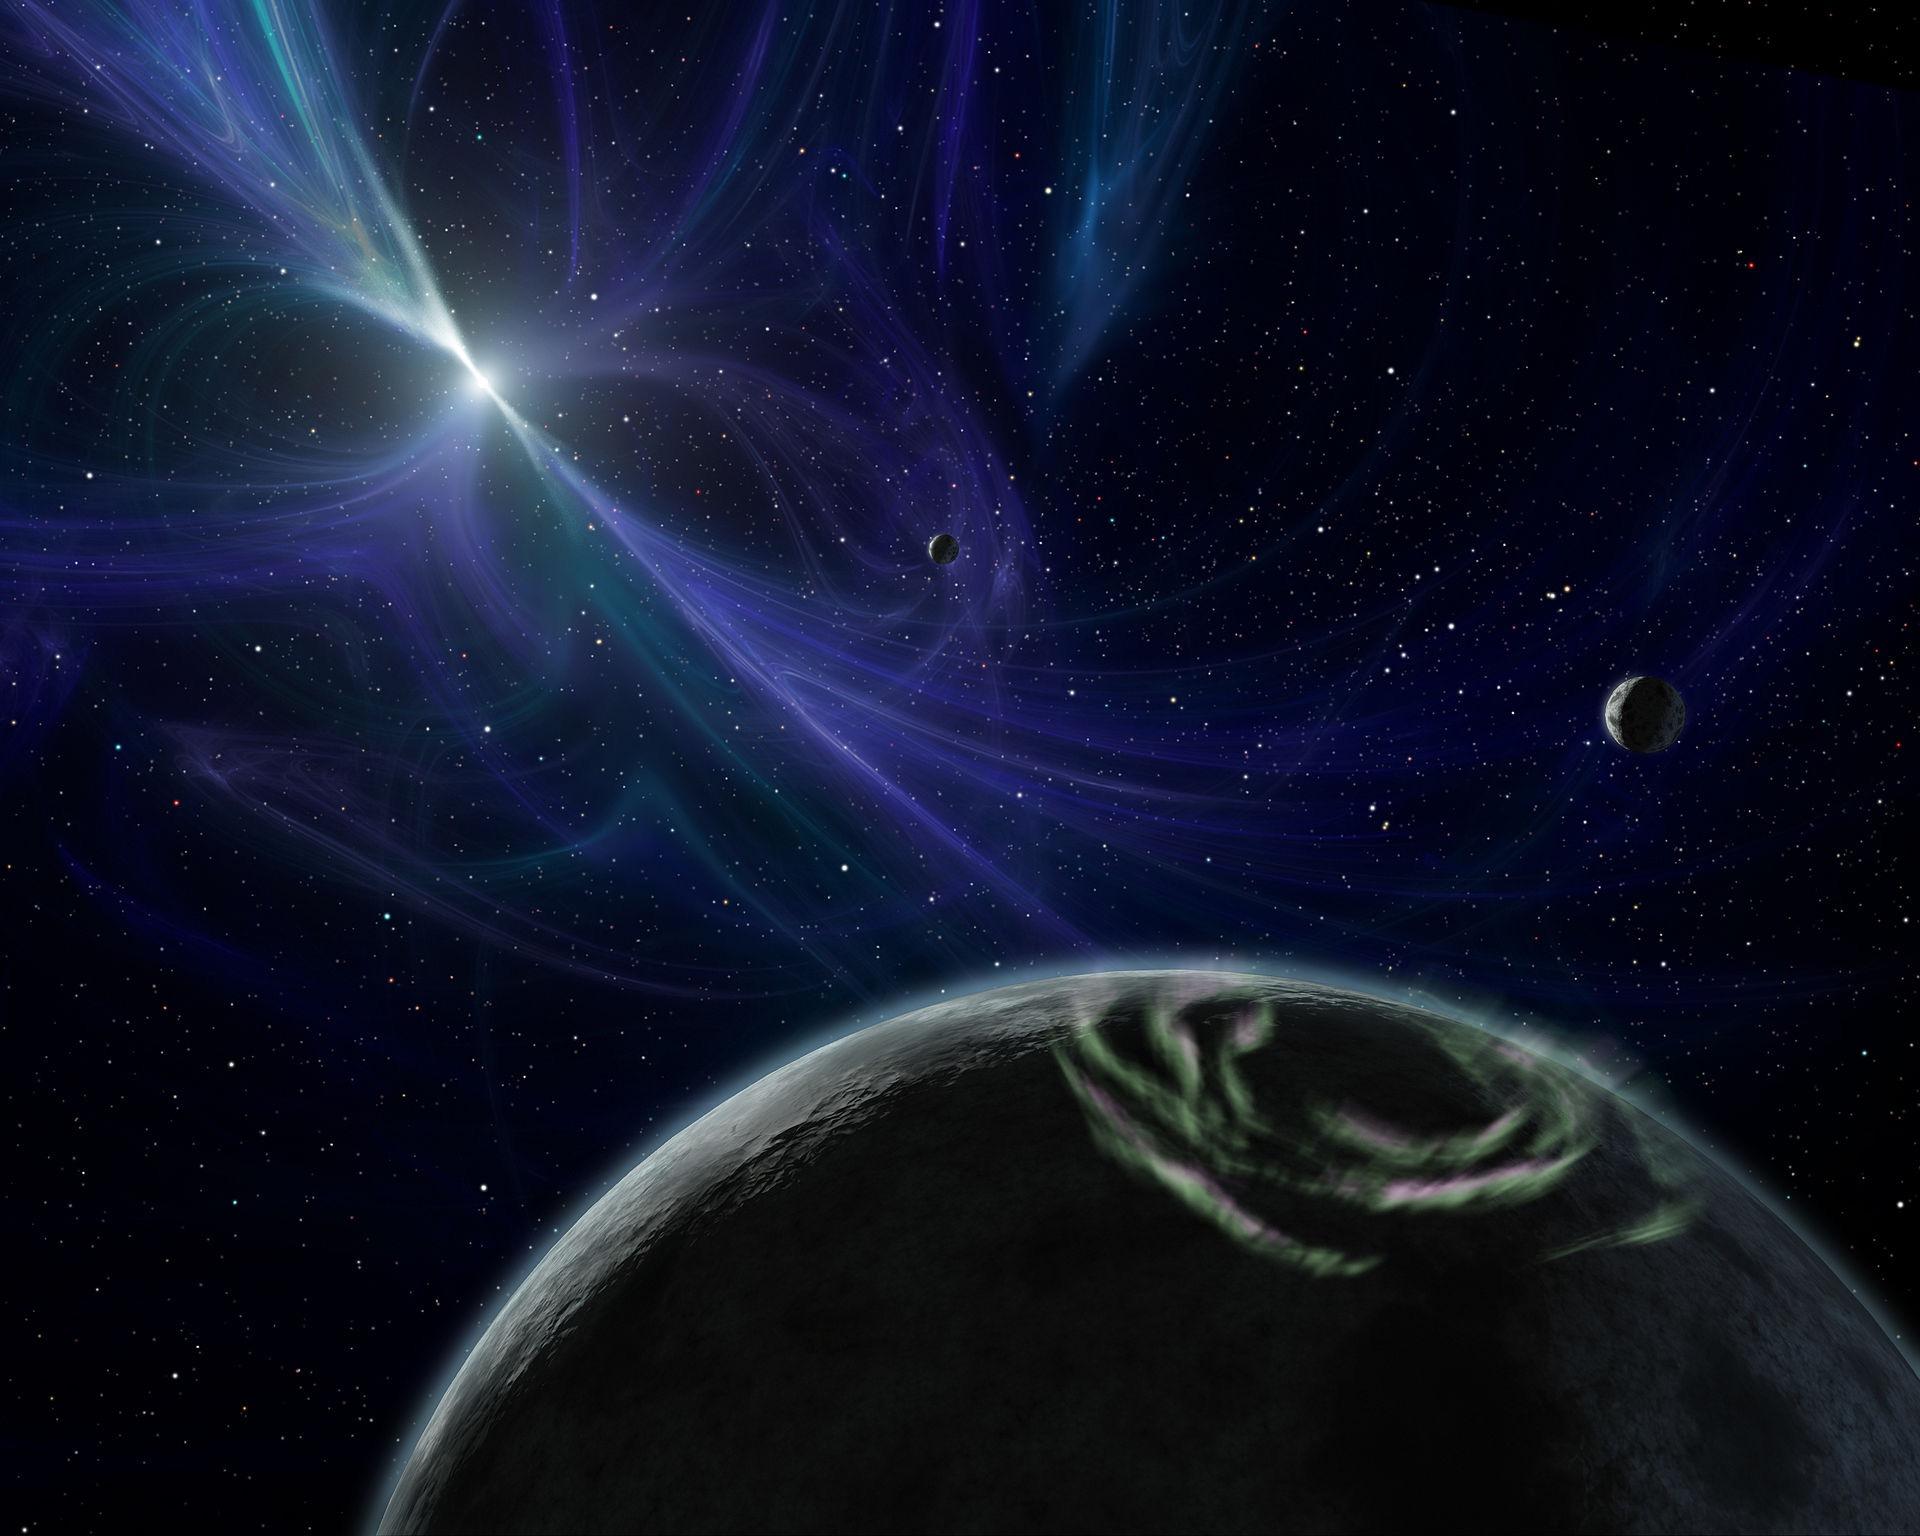 Дыры в космосе затыкают землей